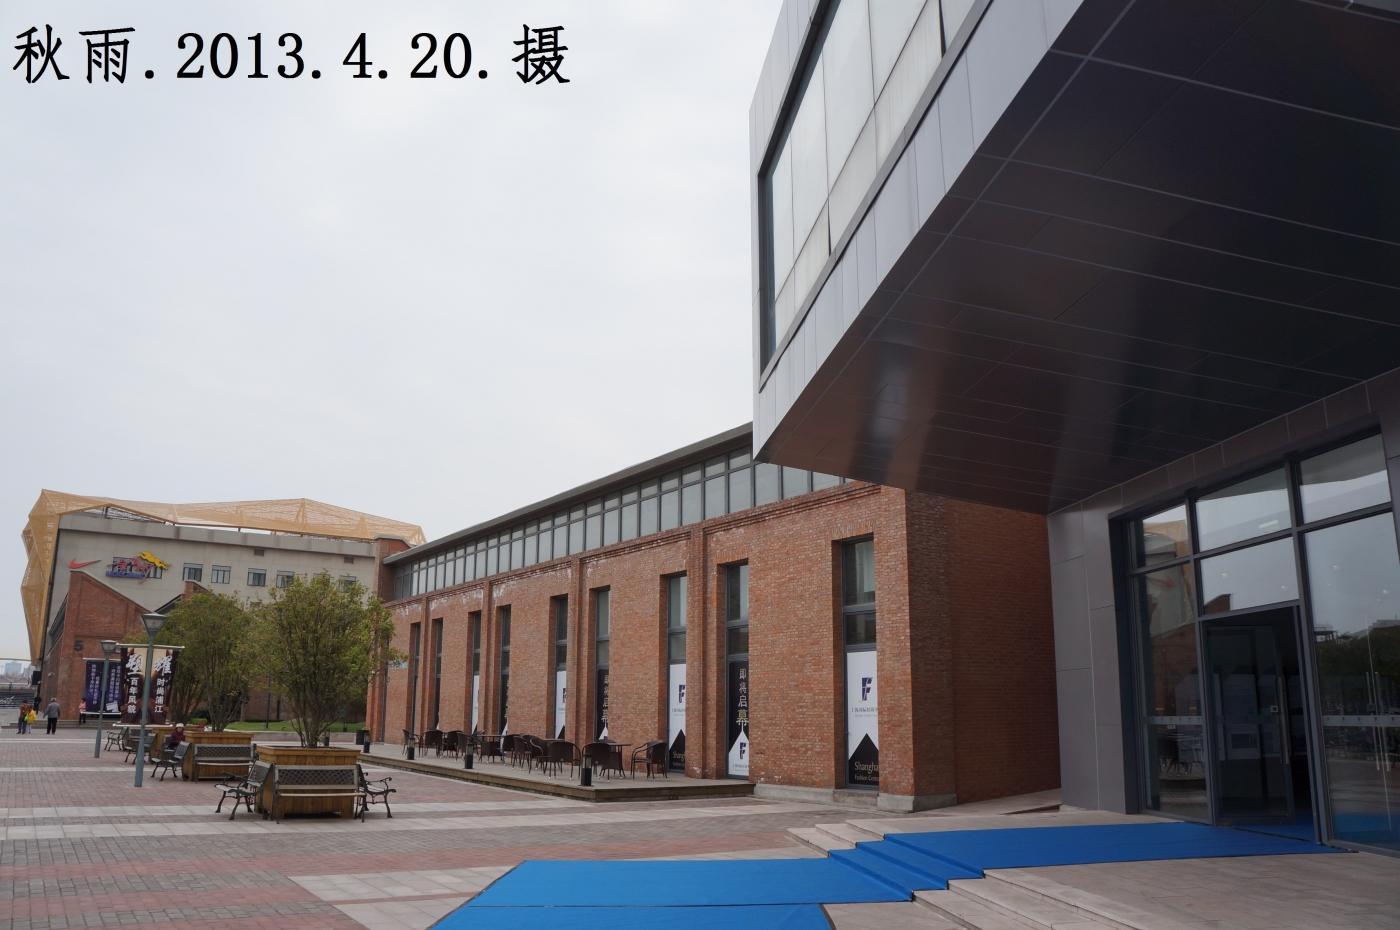 上海国际时尚中心,原国棉十七厂旧址(1),修旧如旧。摄影原创。 ..._图1-6